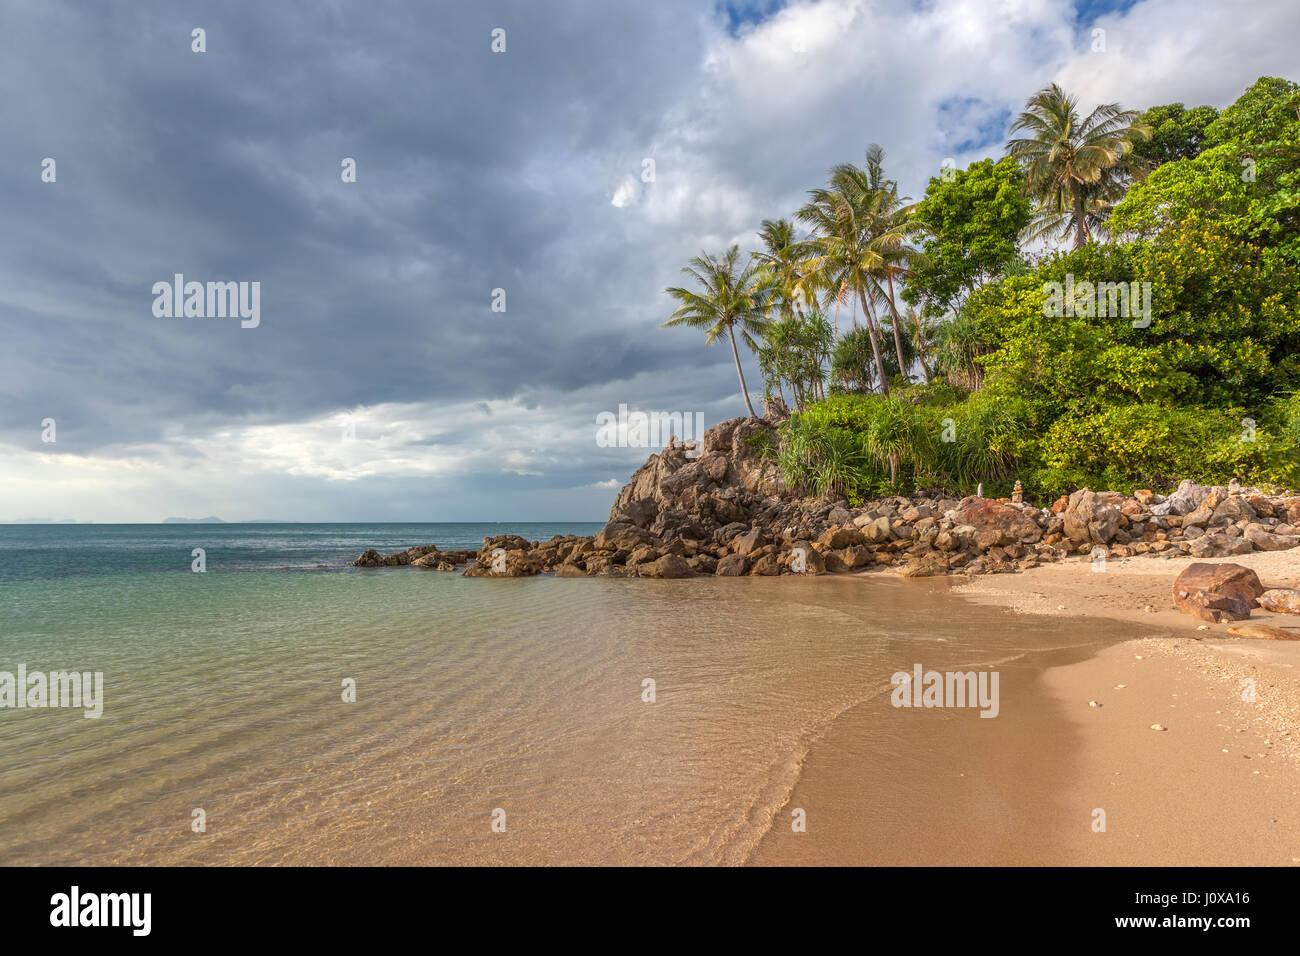 Long Beach à Koh Lanta Yai, province de Krabi, Thaïlande, Asie du Sud-Est Photo Stock